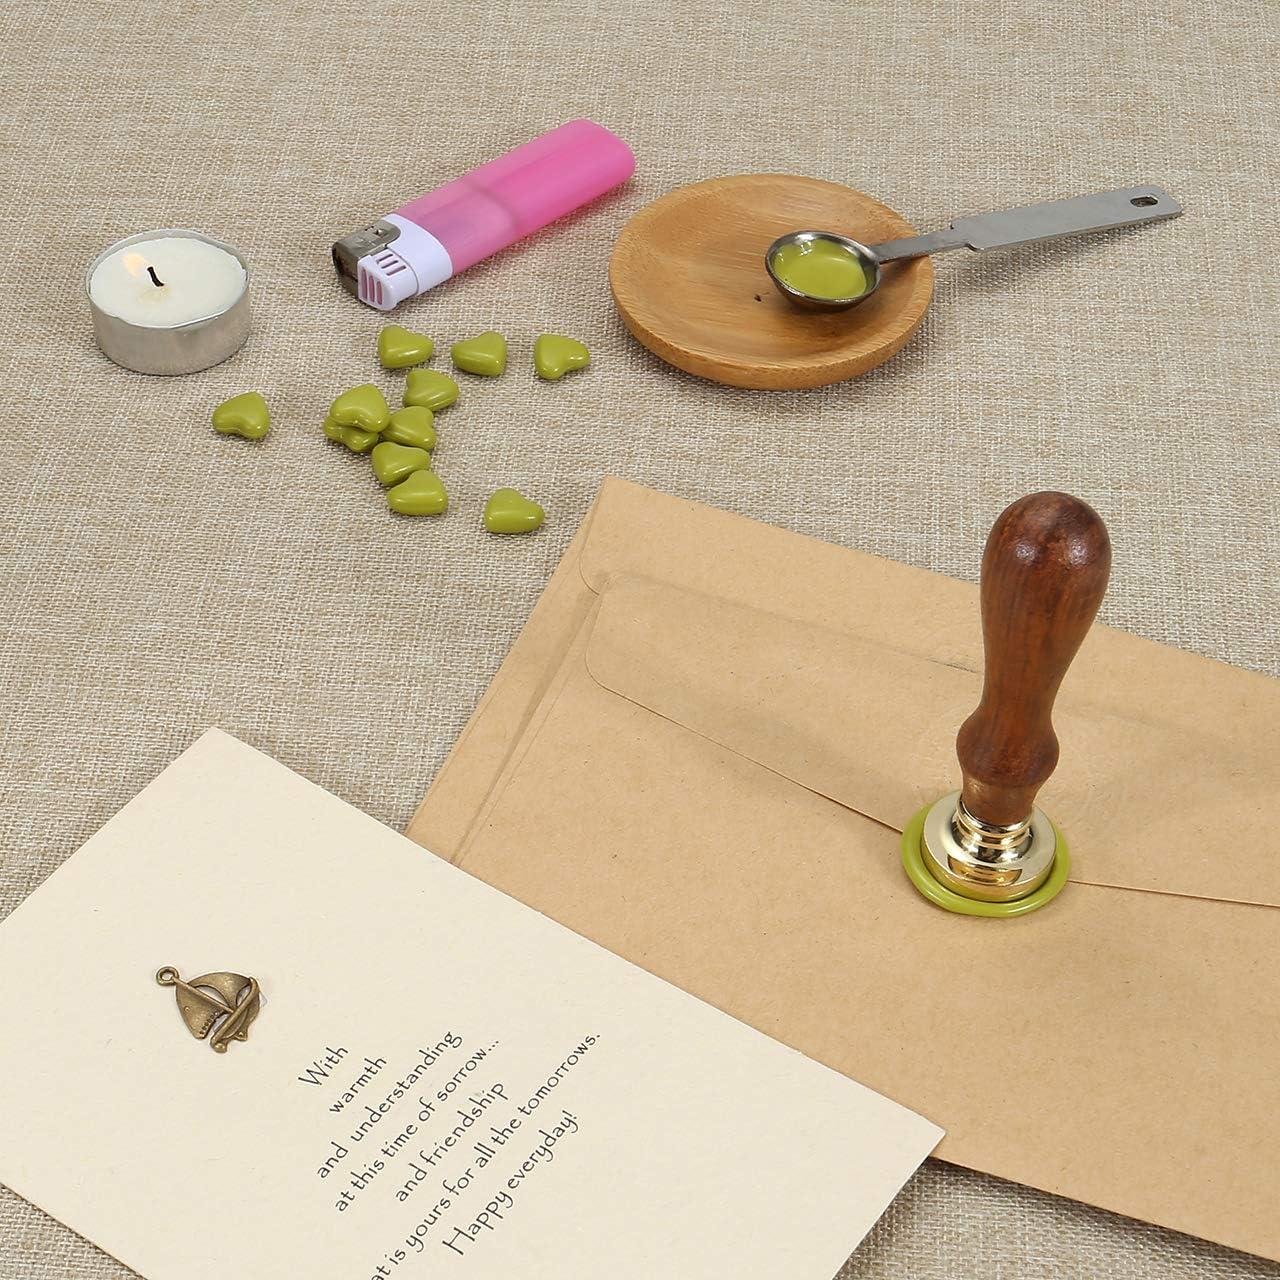 Ananas #1 Mogokoyo Vintage-Stil Pflanzen-Serie Rosenholz Wachs Siegelstempel Dekorativer Siegel Petschaft Holzgriff Brief mit verschidene Gravur/